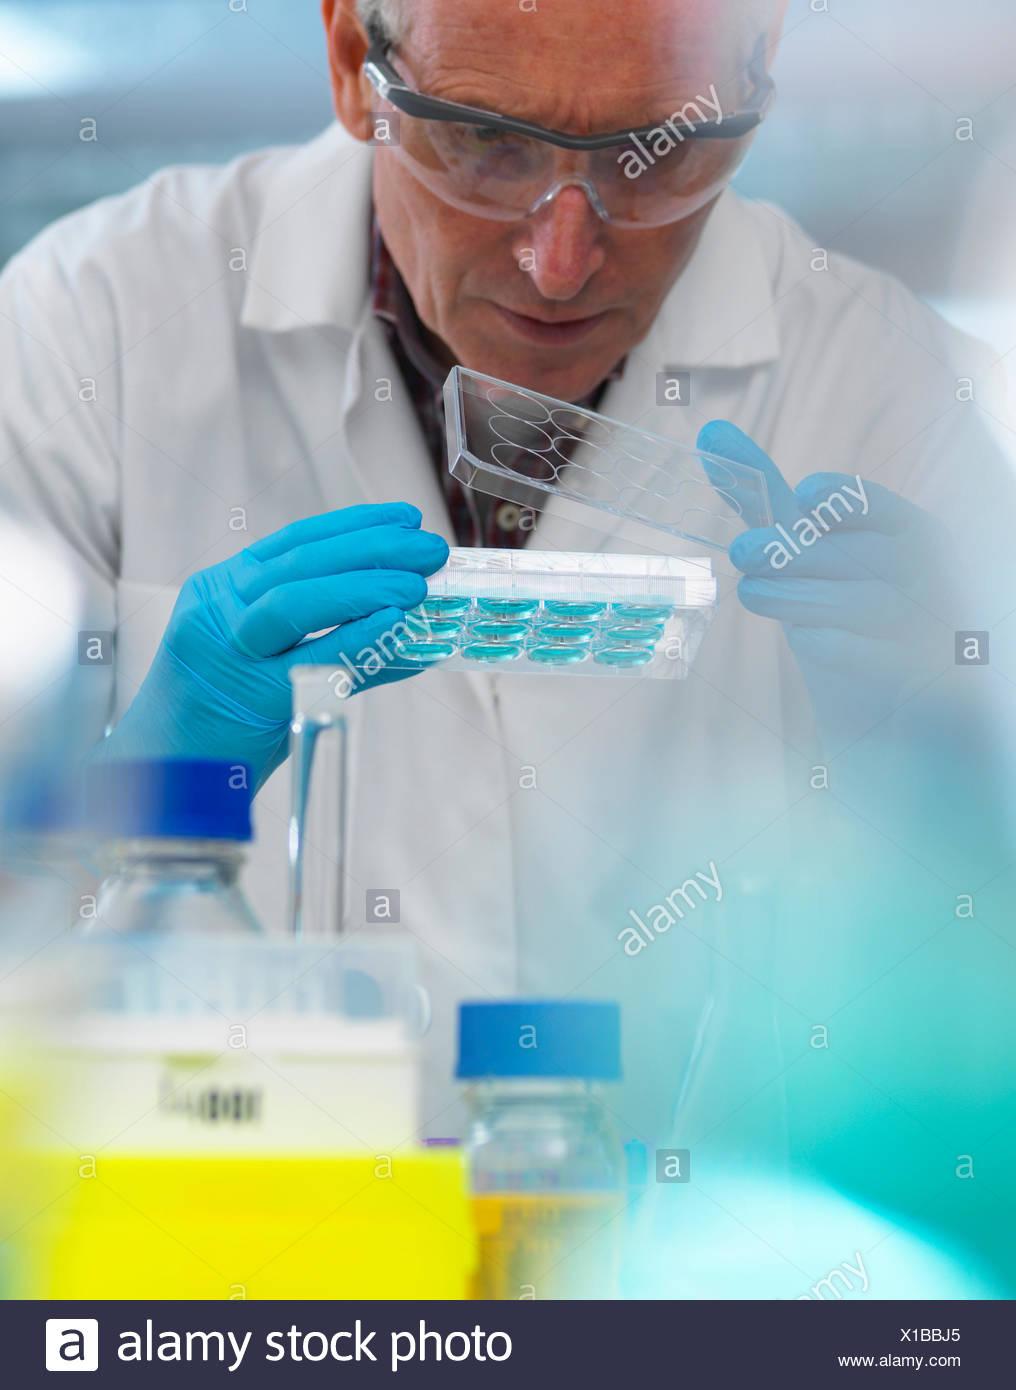 La investigación en biotecnología, el científico ver muestras en una placa de pocillos múltiples durante un experimento en el laboratorio. Imagen De Stock